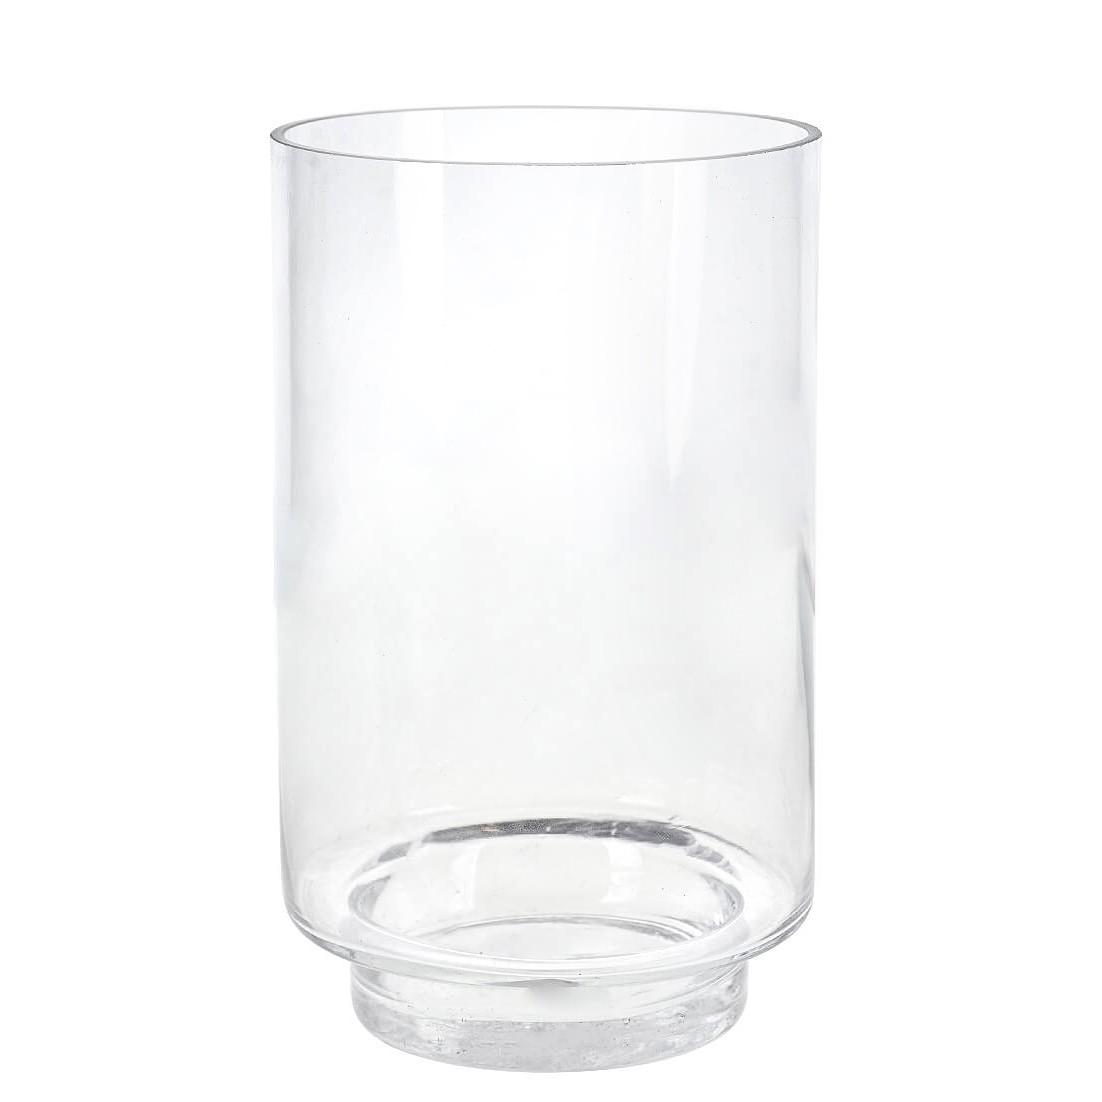 Vaso Decorativo de Vidro 25cm Tubo Transparente